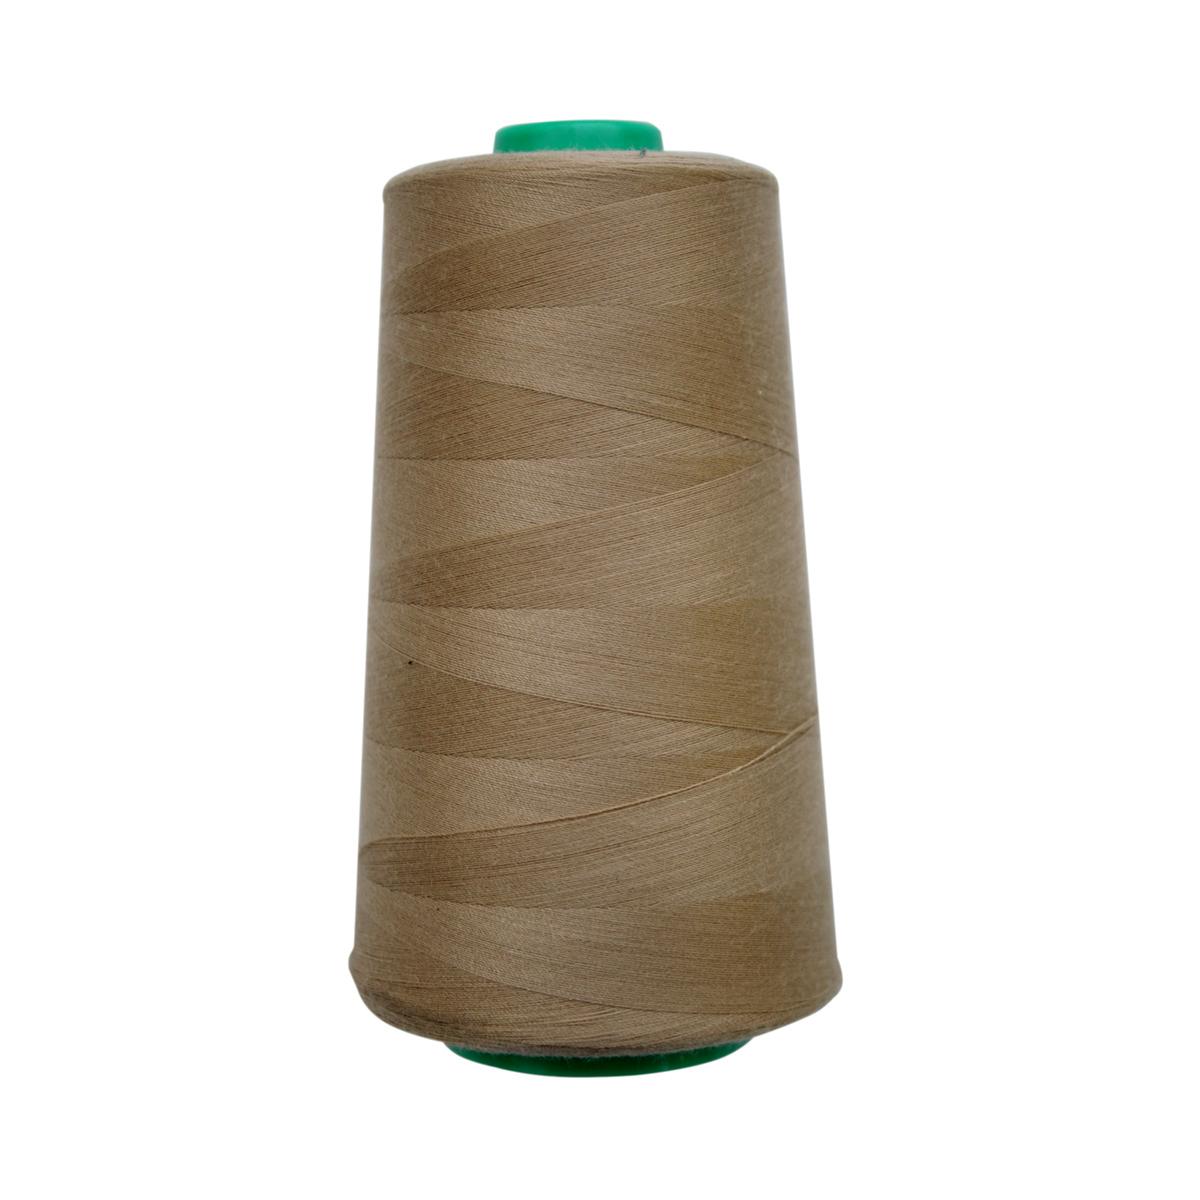 Нитки для шитья Bestex 50/2, 5000 ярд, цвет: т.пастельно-болотный (258)7700936-258Сфера использования: трикотаж; ткани малого веса; оверлочные швы; отделка краев; вышивка. Размер игл №70-80